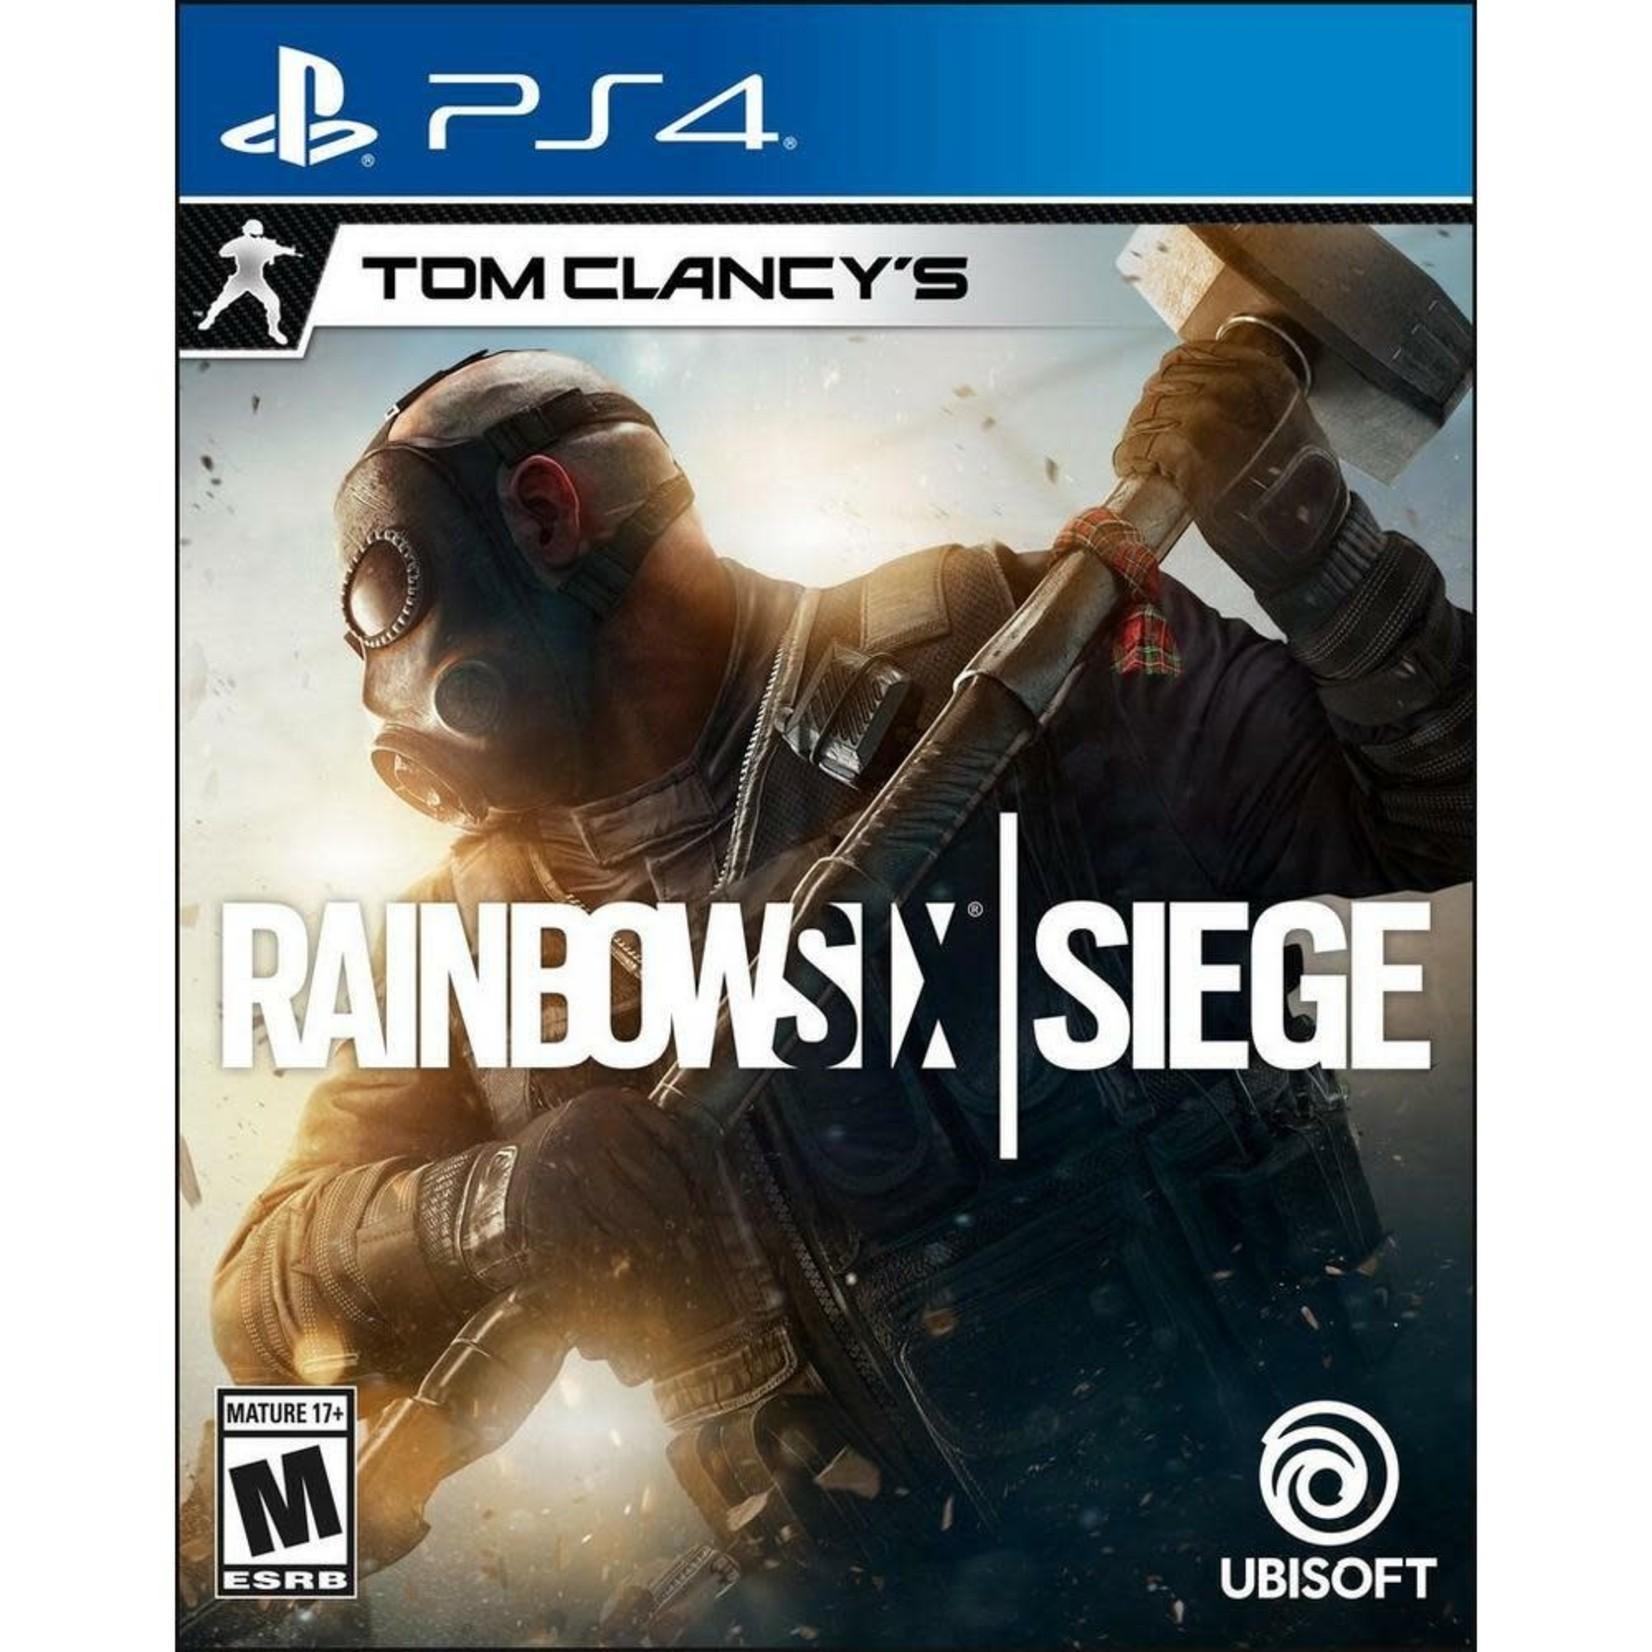 PS4-Tom Clancy's Rainbow Six: Siege